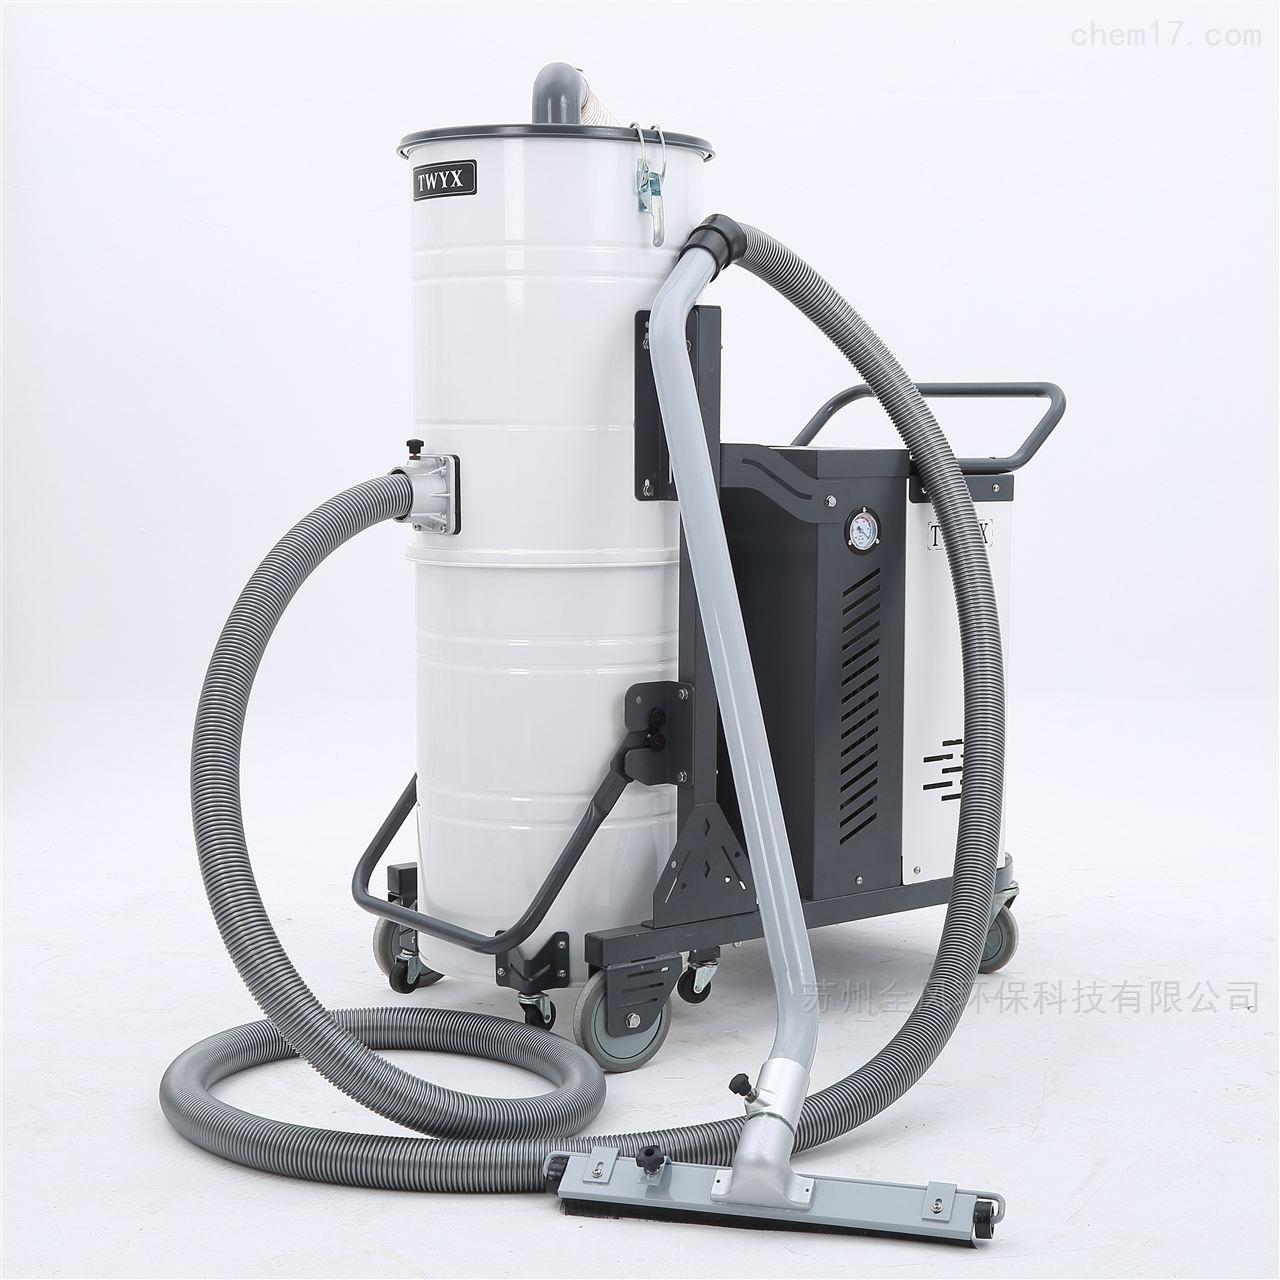 激光打磨台清理碎屑用防爆工业吸尘器